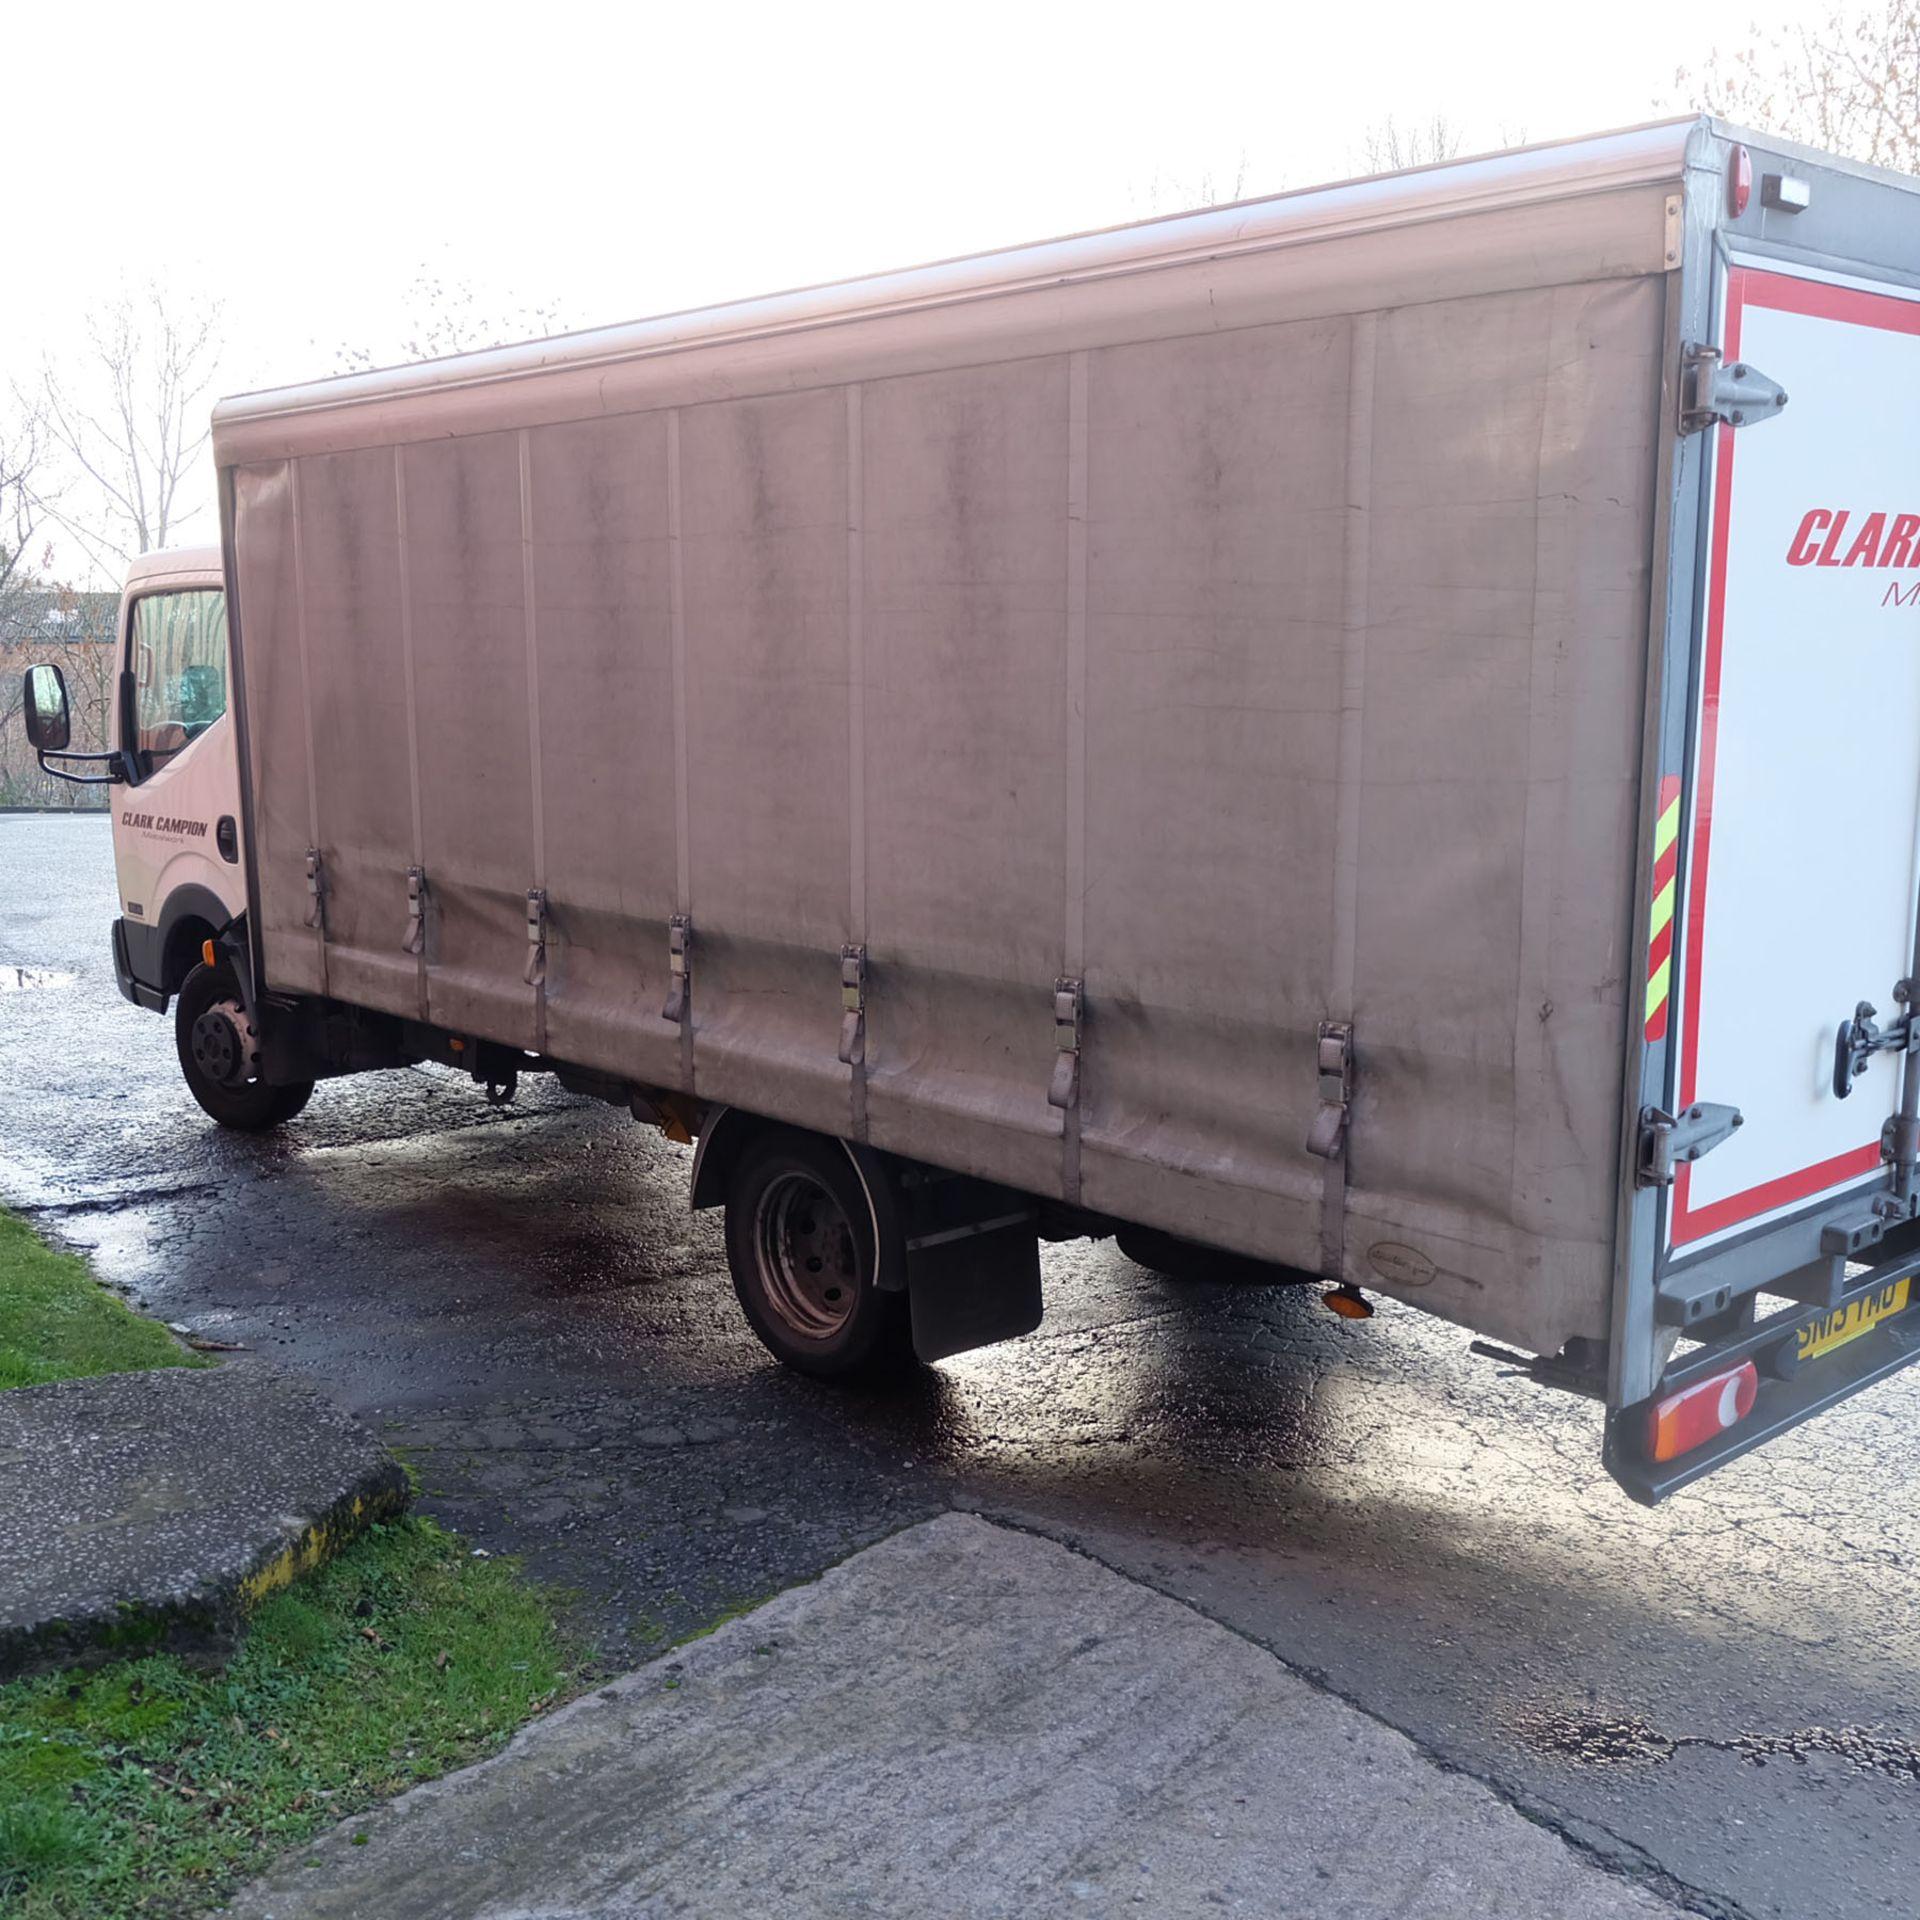 NISSAN CABSTAR 35.14 Rigid Bodied Curtain Truck. 3500KG Gross Weight. Sat Nav, Reversing Camera. - Image 6 of 14